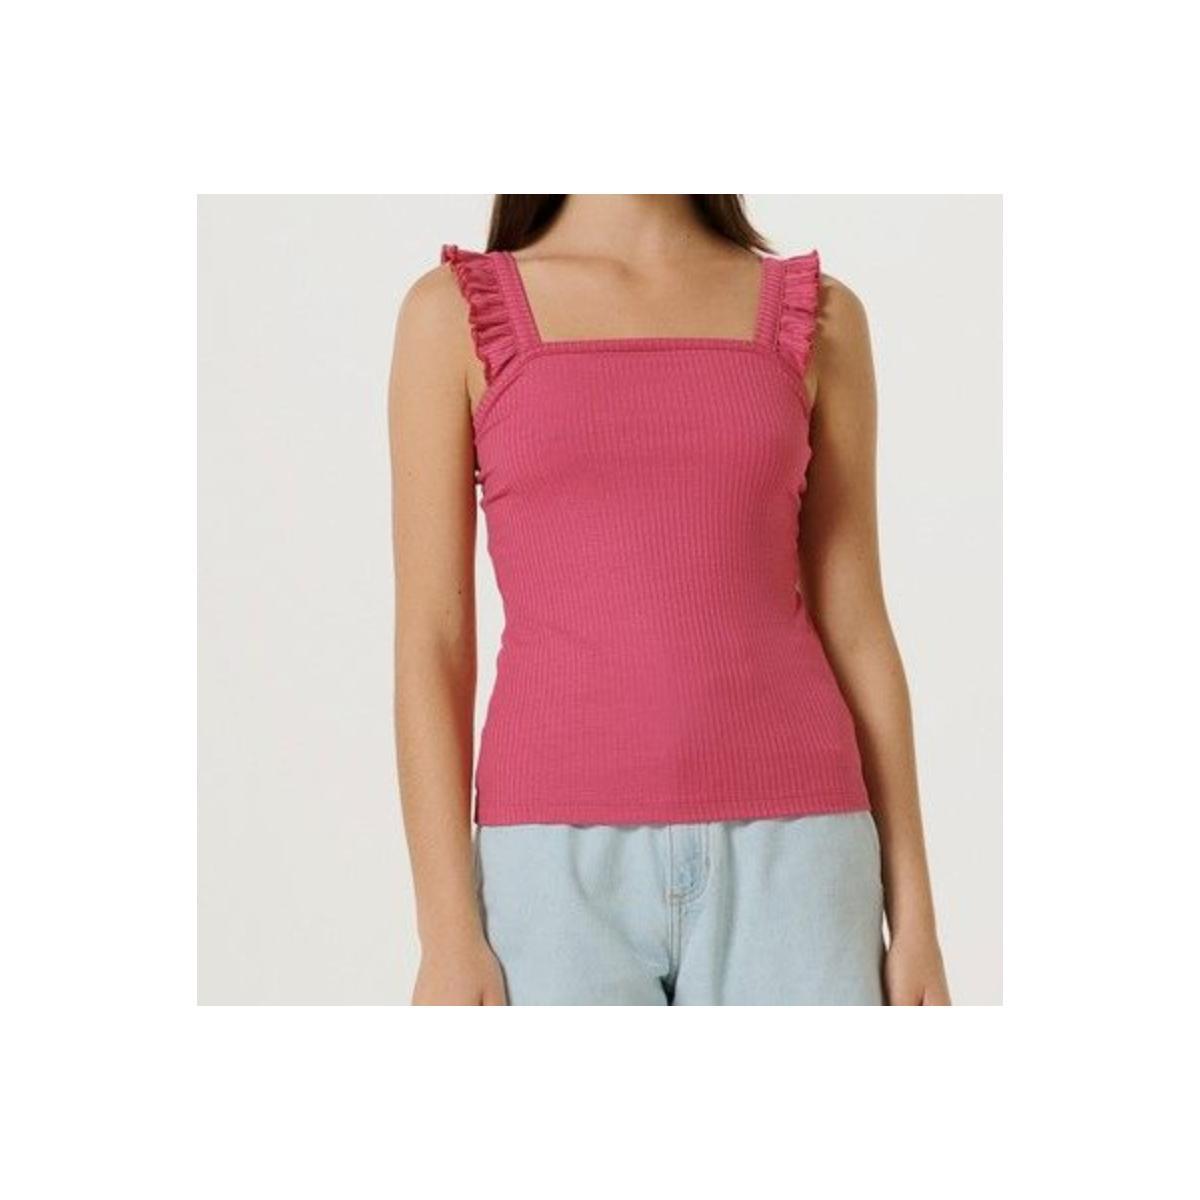 Blusa Feminina Hering 4ae7 Kquen Pink